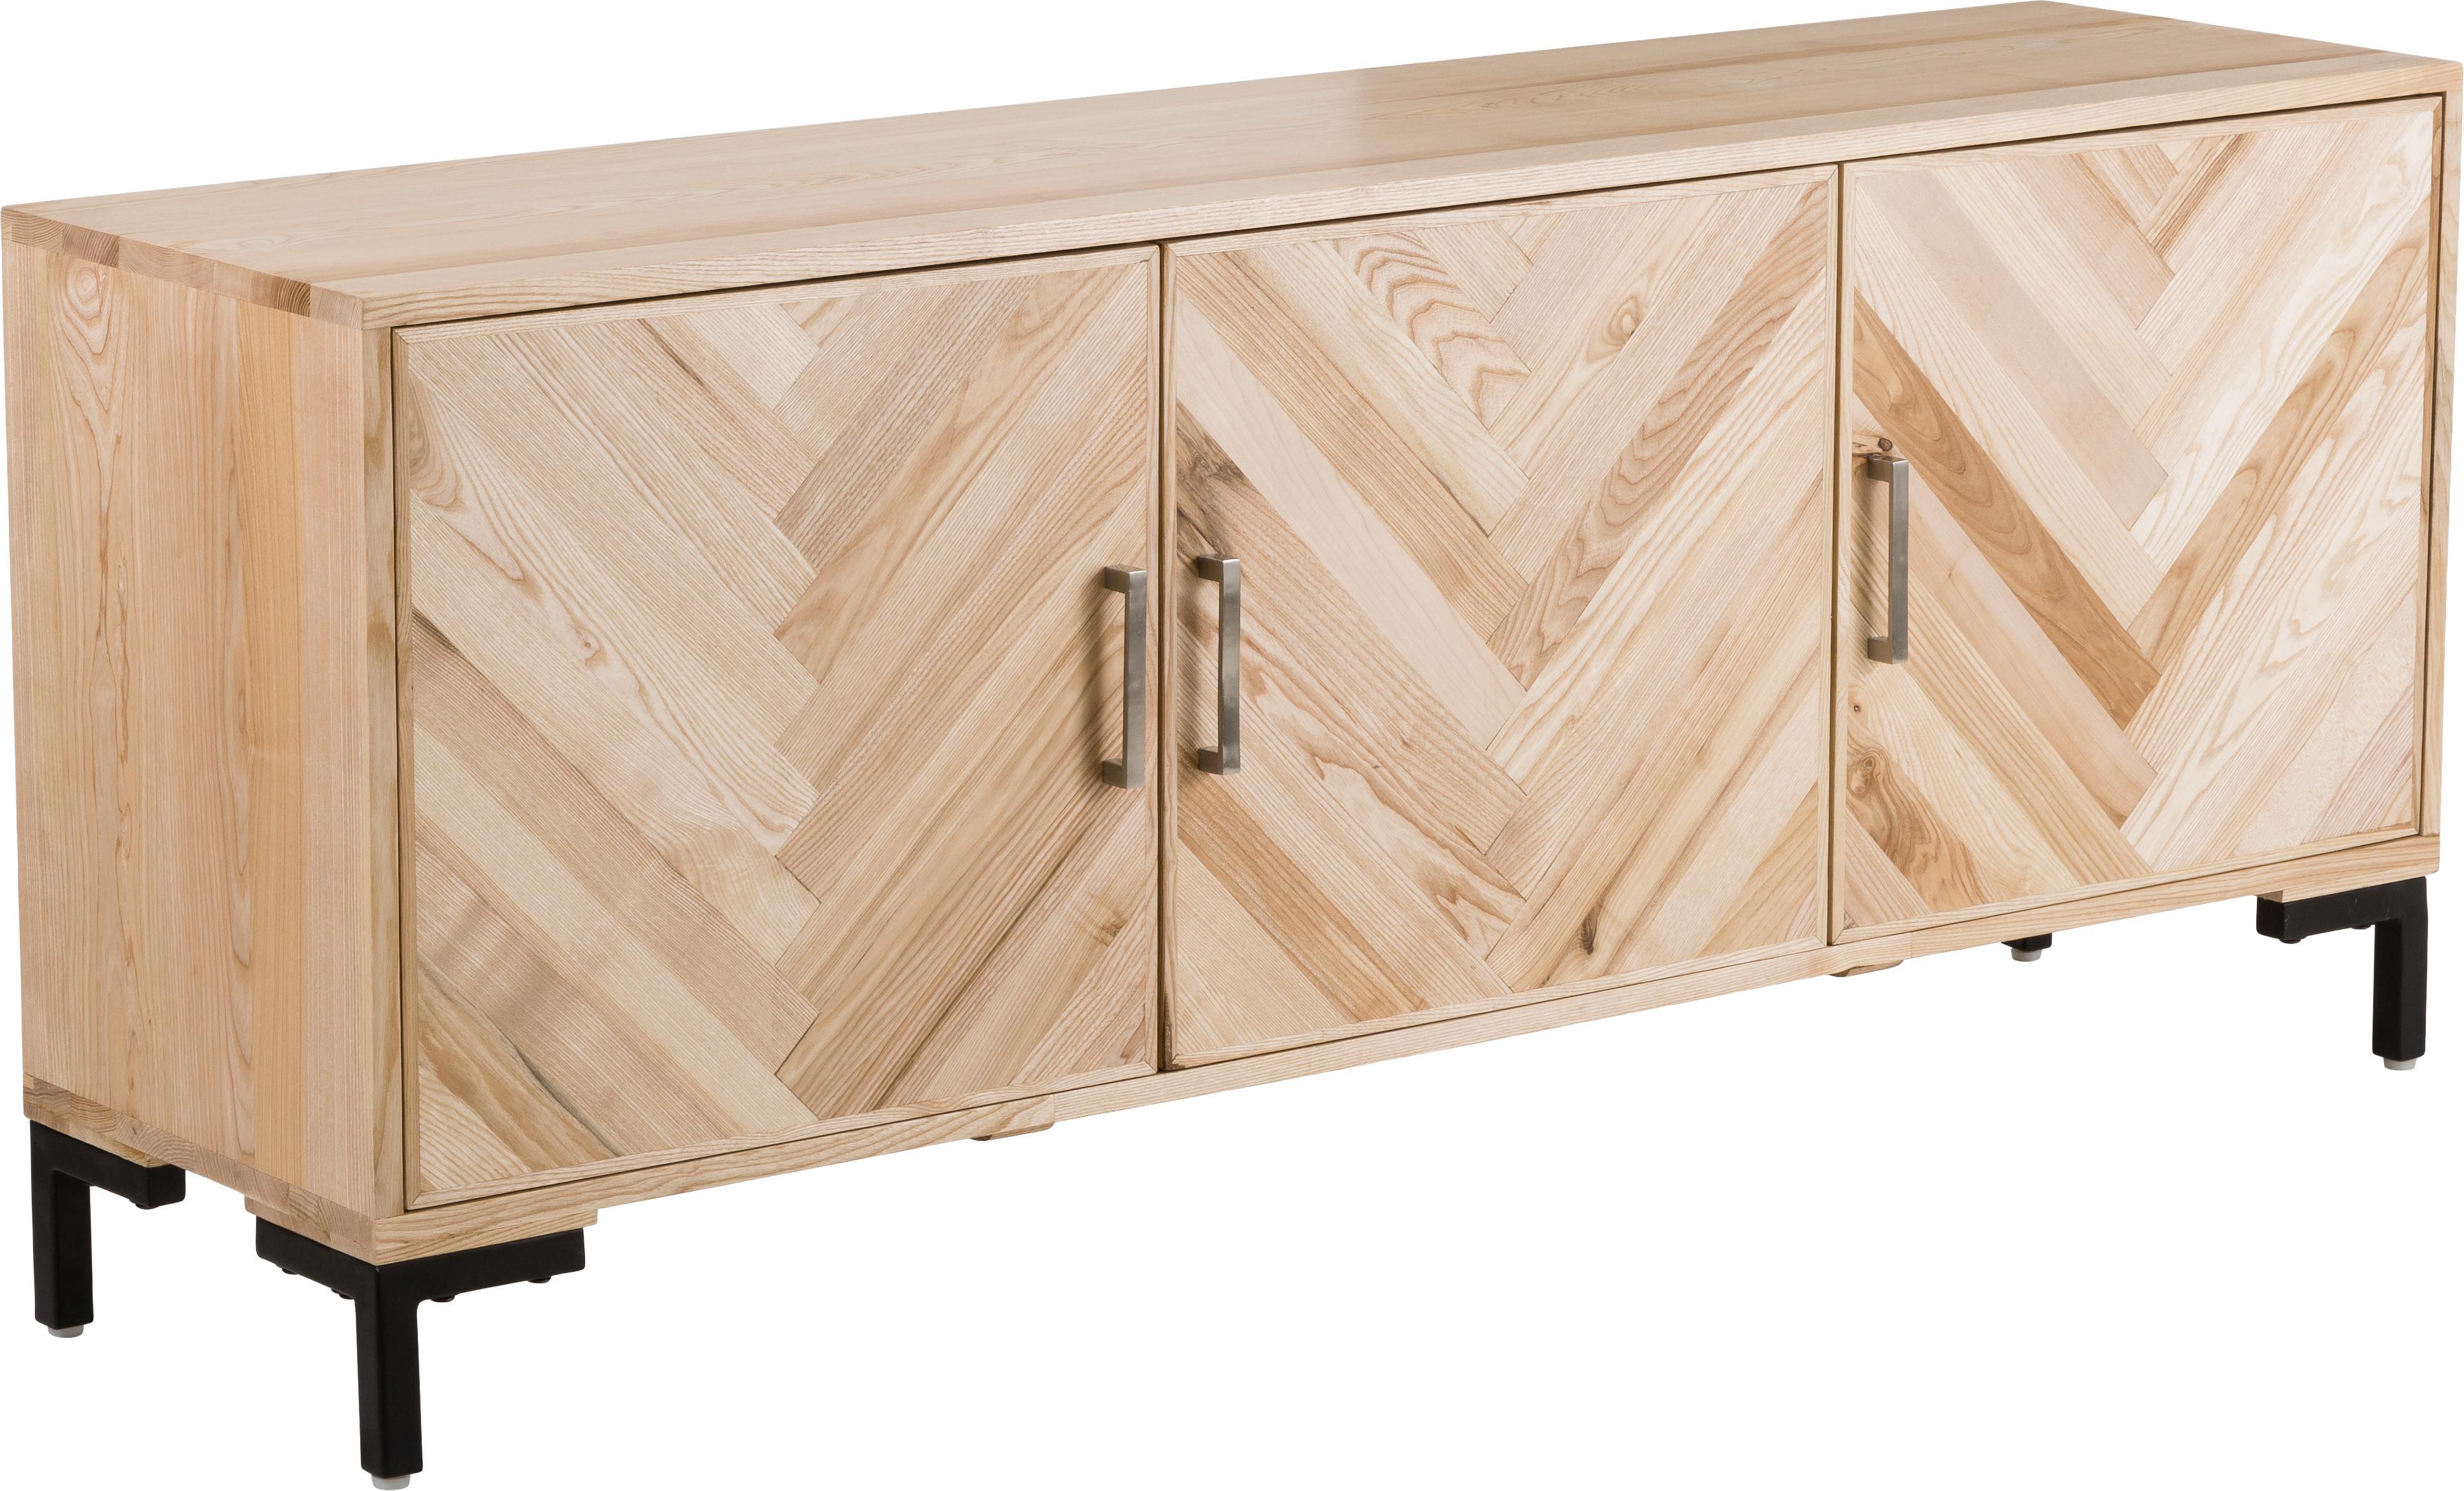 Sideboard Leif aus Massivholz, Korpus: Massives Eschenholz, lack, Griffe: Metall, beschichtet, Eschenholz, 177 x 75 cm